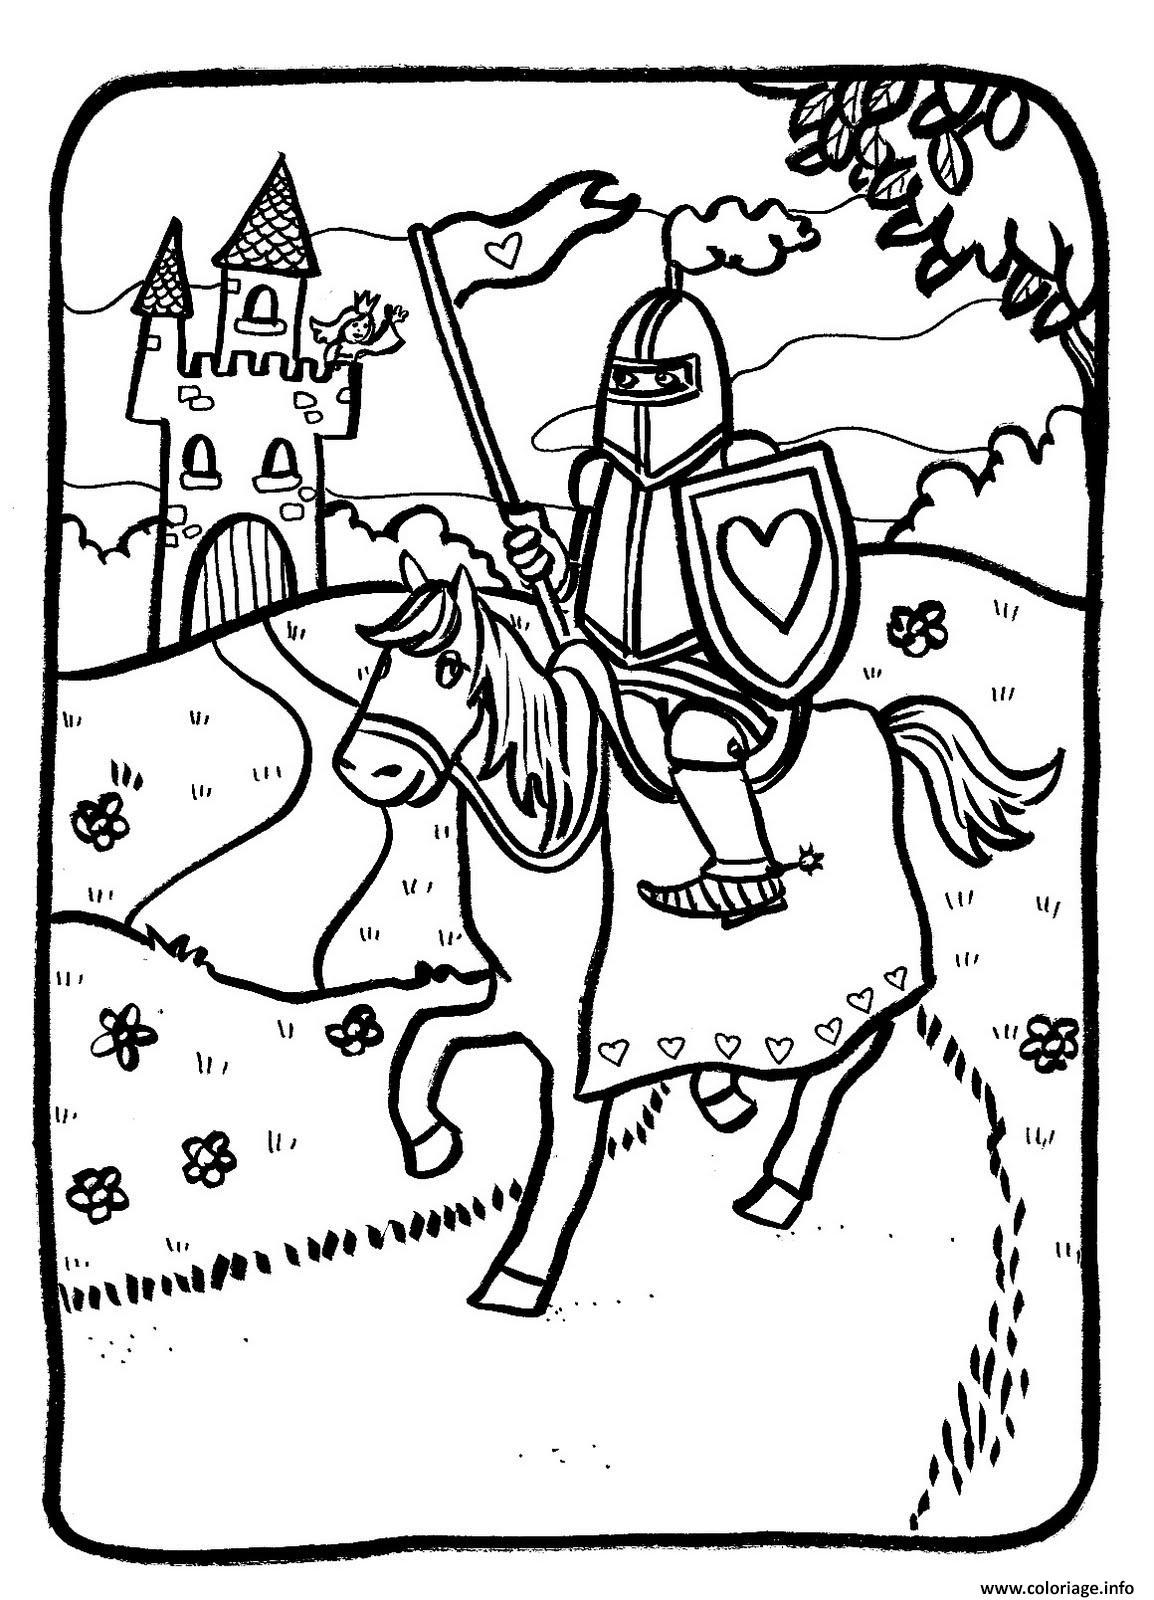 Dessin chevalier quitte son royaume Coloriage Gratuit à Imprimer